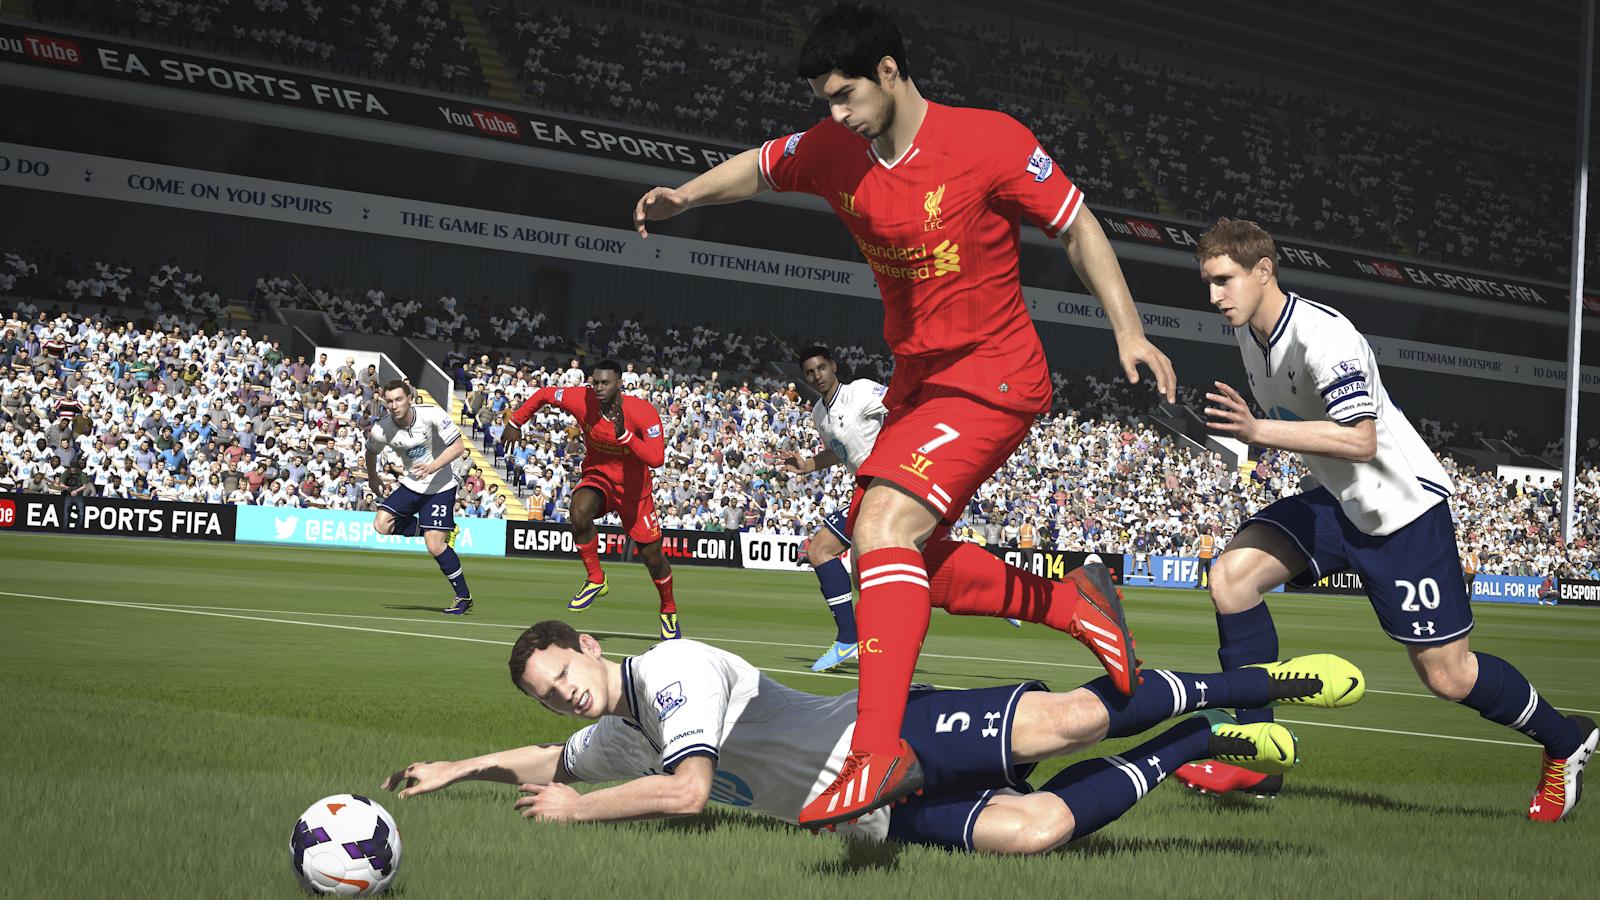 Obrázky z next-gen verze FIFA 14 ukazují FUT Legends a vymazlenější grafiku 89198